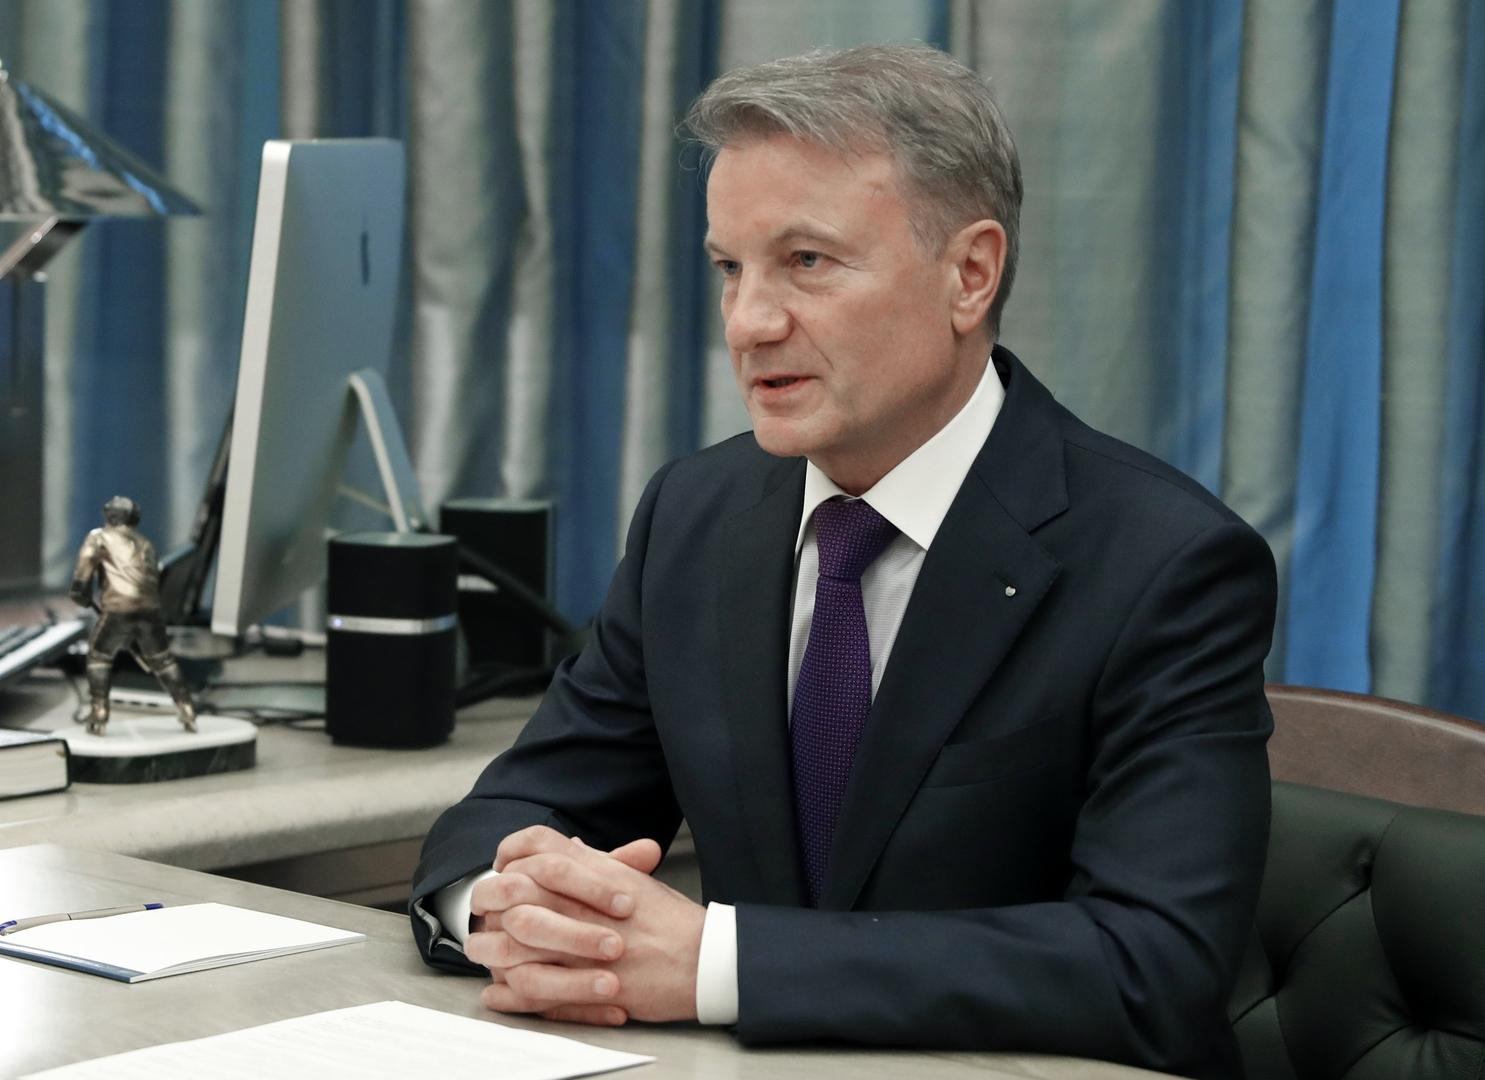 رئيس أكبر بنك روسي يتلقى لقاحا ضد فيروس كورونا